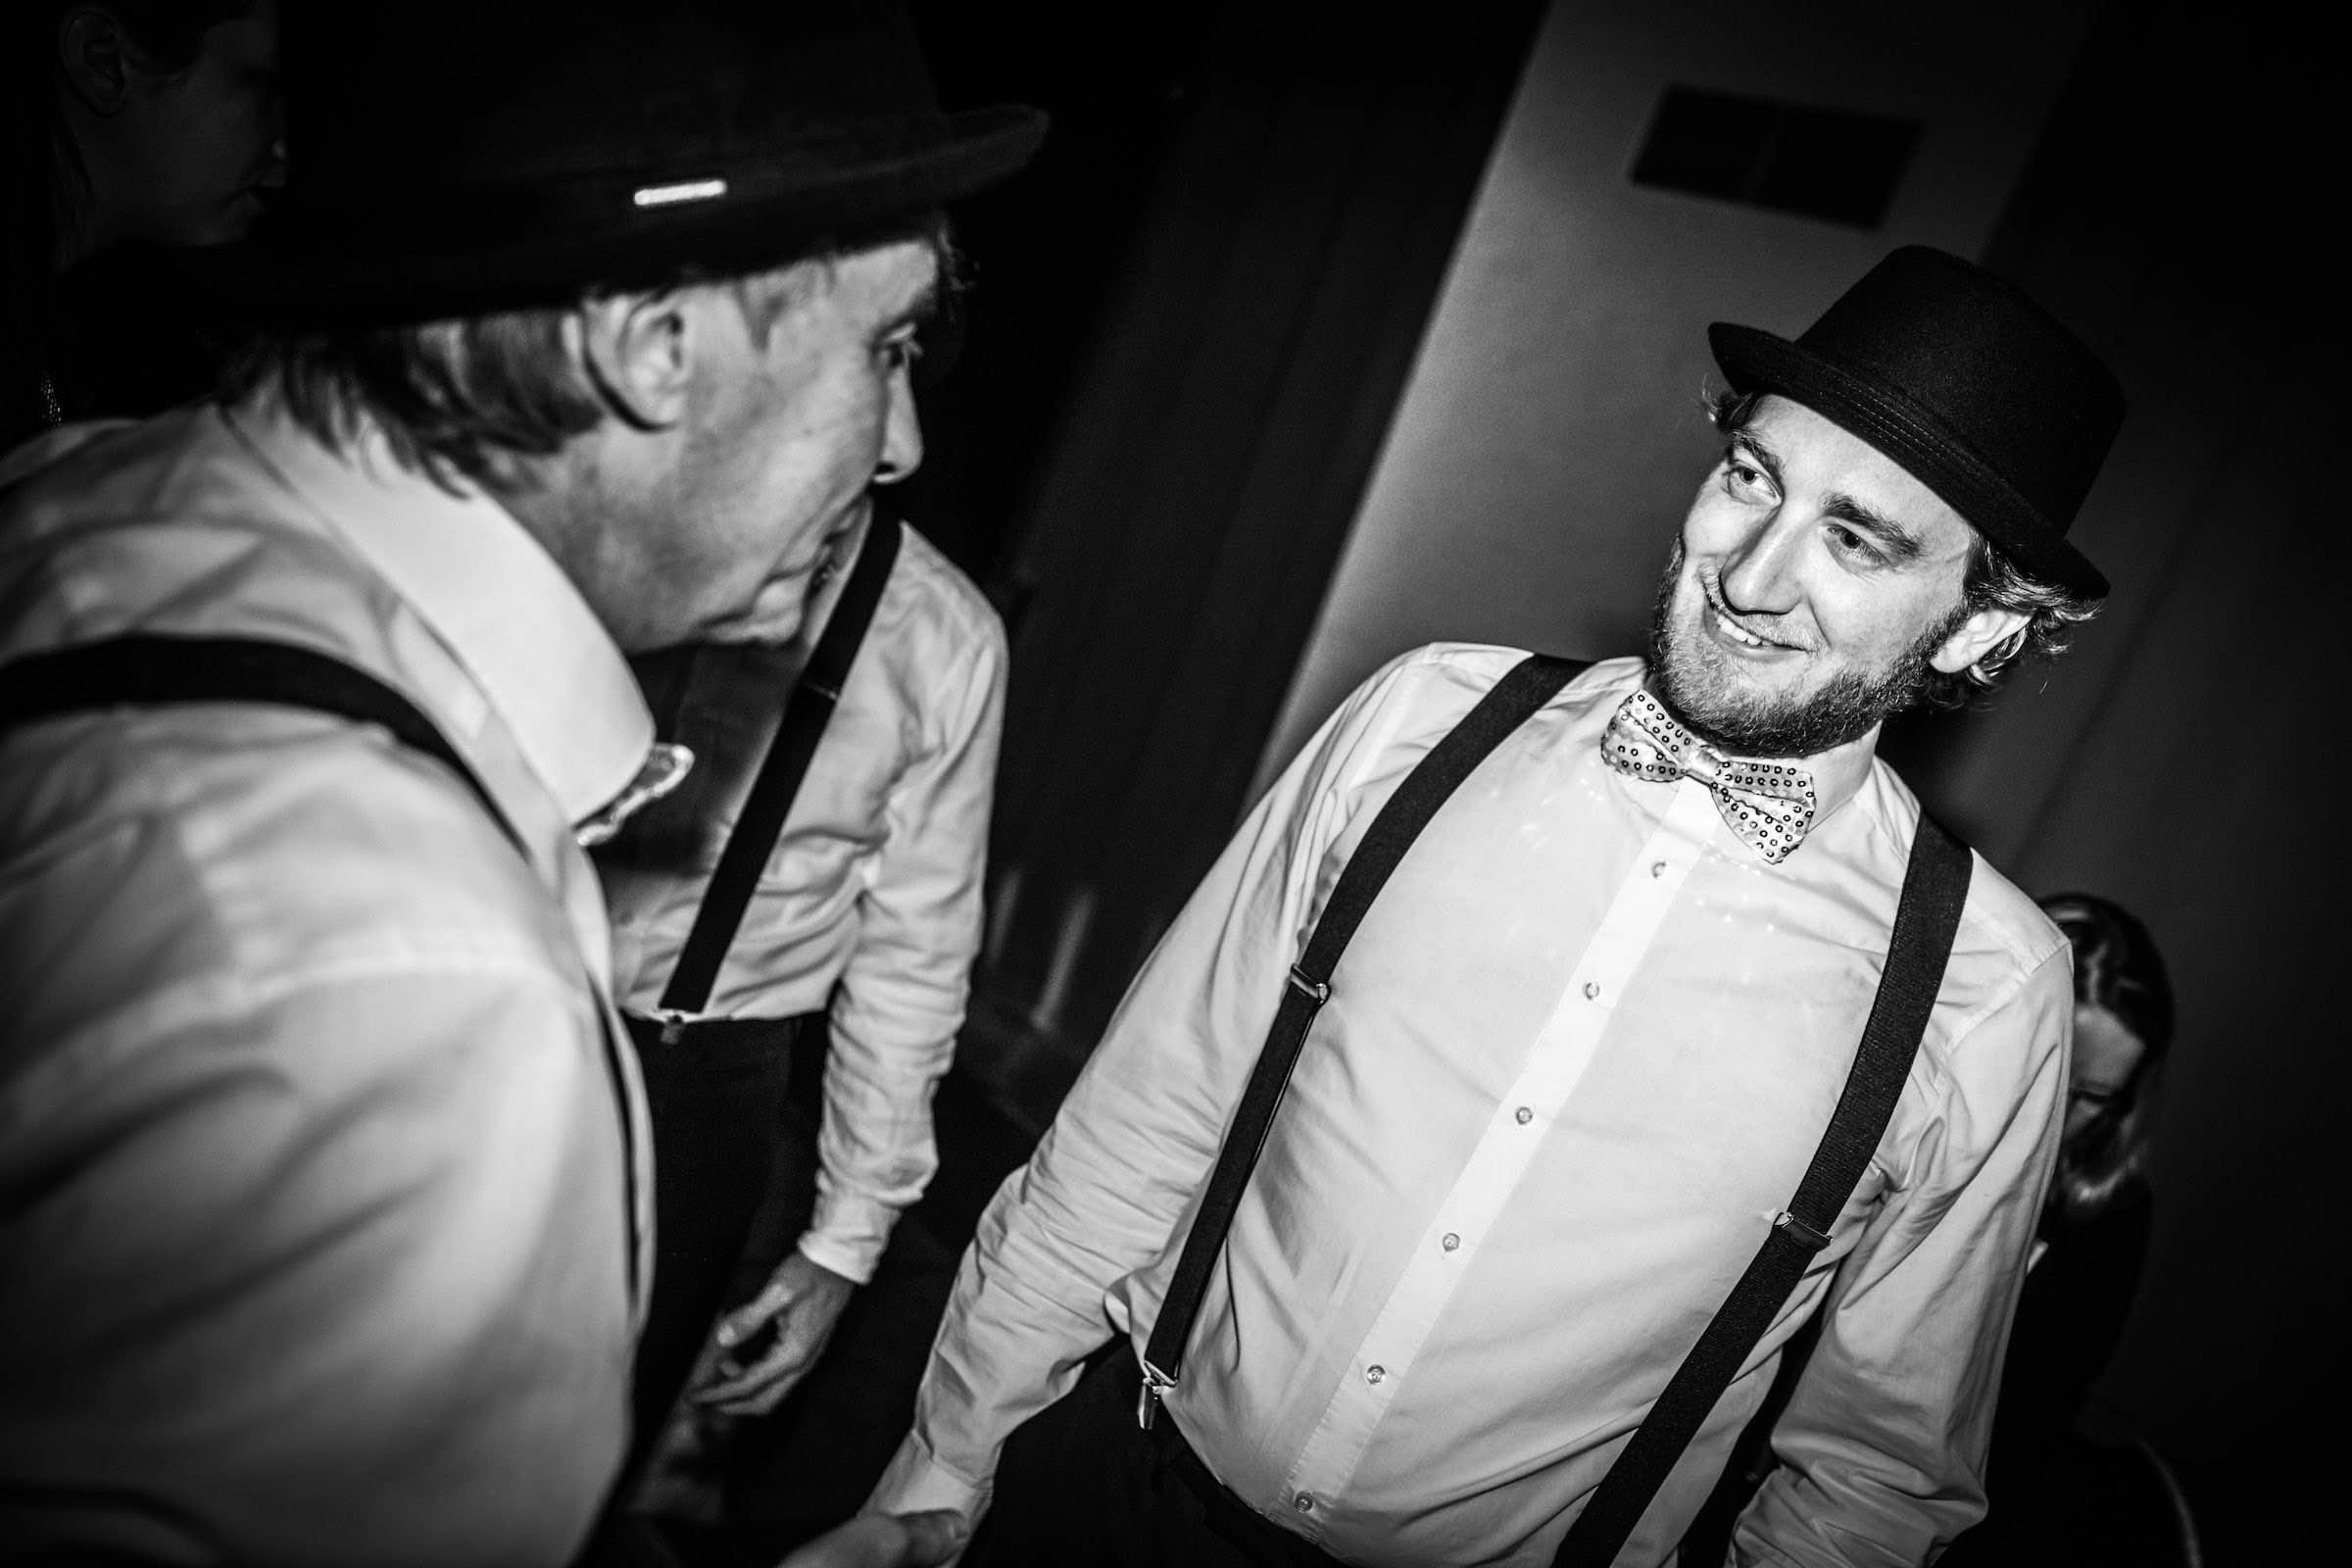 Band   Hamburg   Liveband   Partyband   Popband   Jazzband   Swingband   Lounge   Pop   Jazz   Hochzeit   Messe   Firmenfeier   Charity   Gala   Buchen   Mieten   Anfragen   Modern   Jukes   Hamburgfeiert